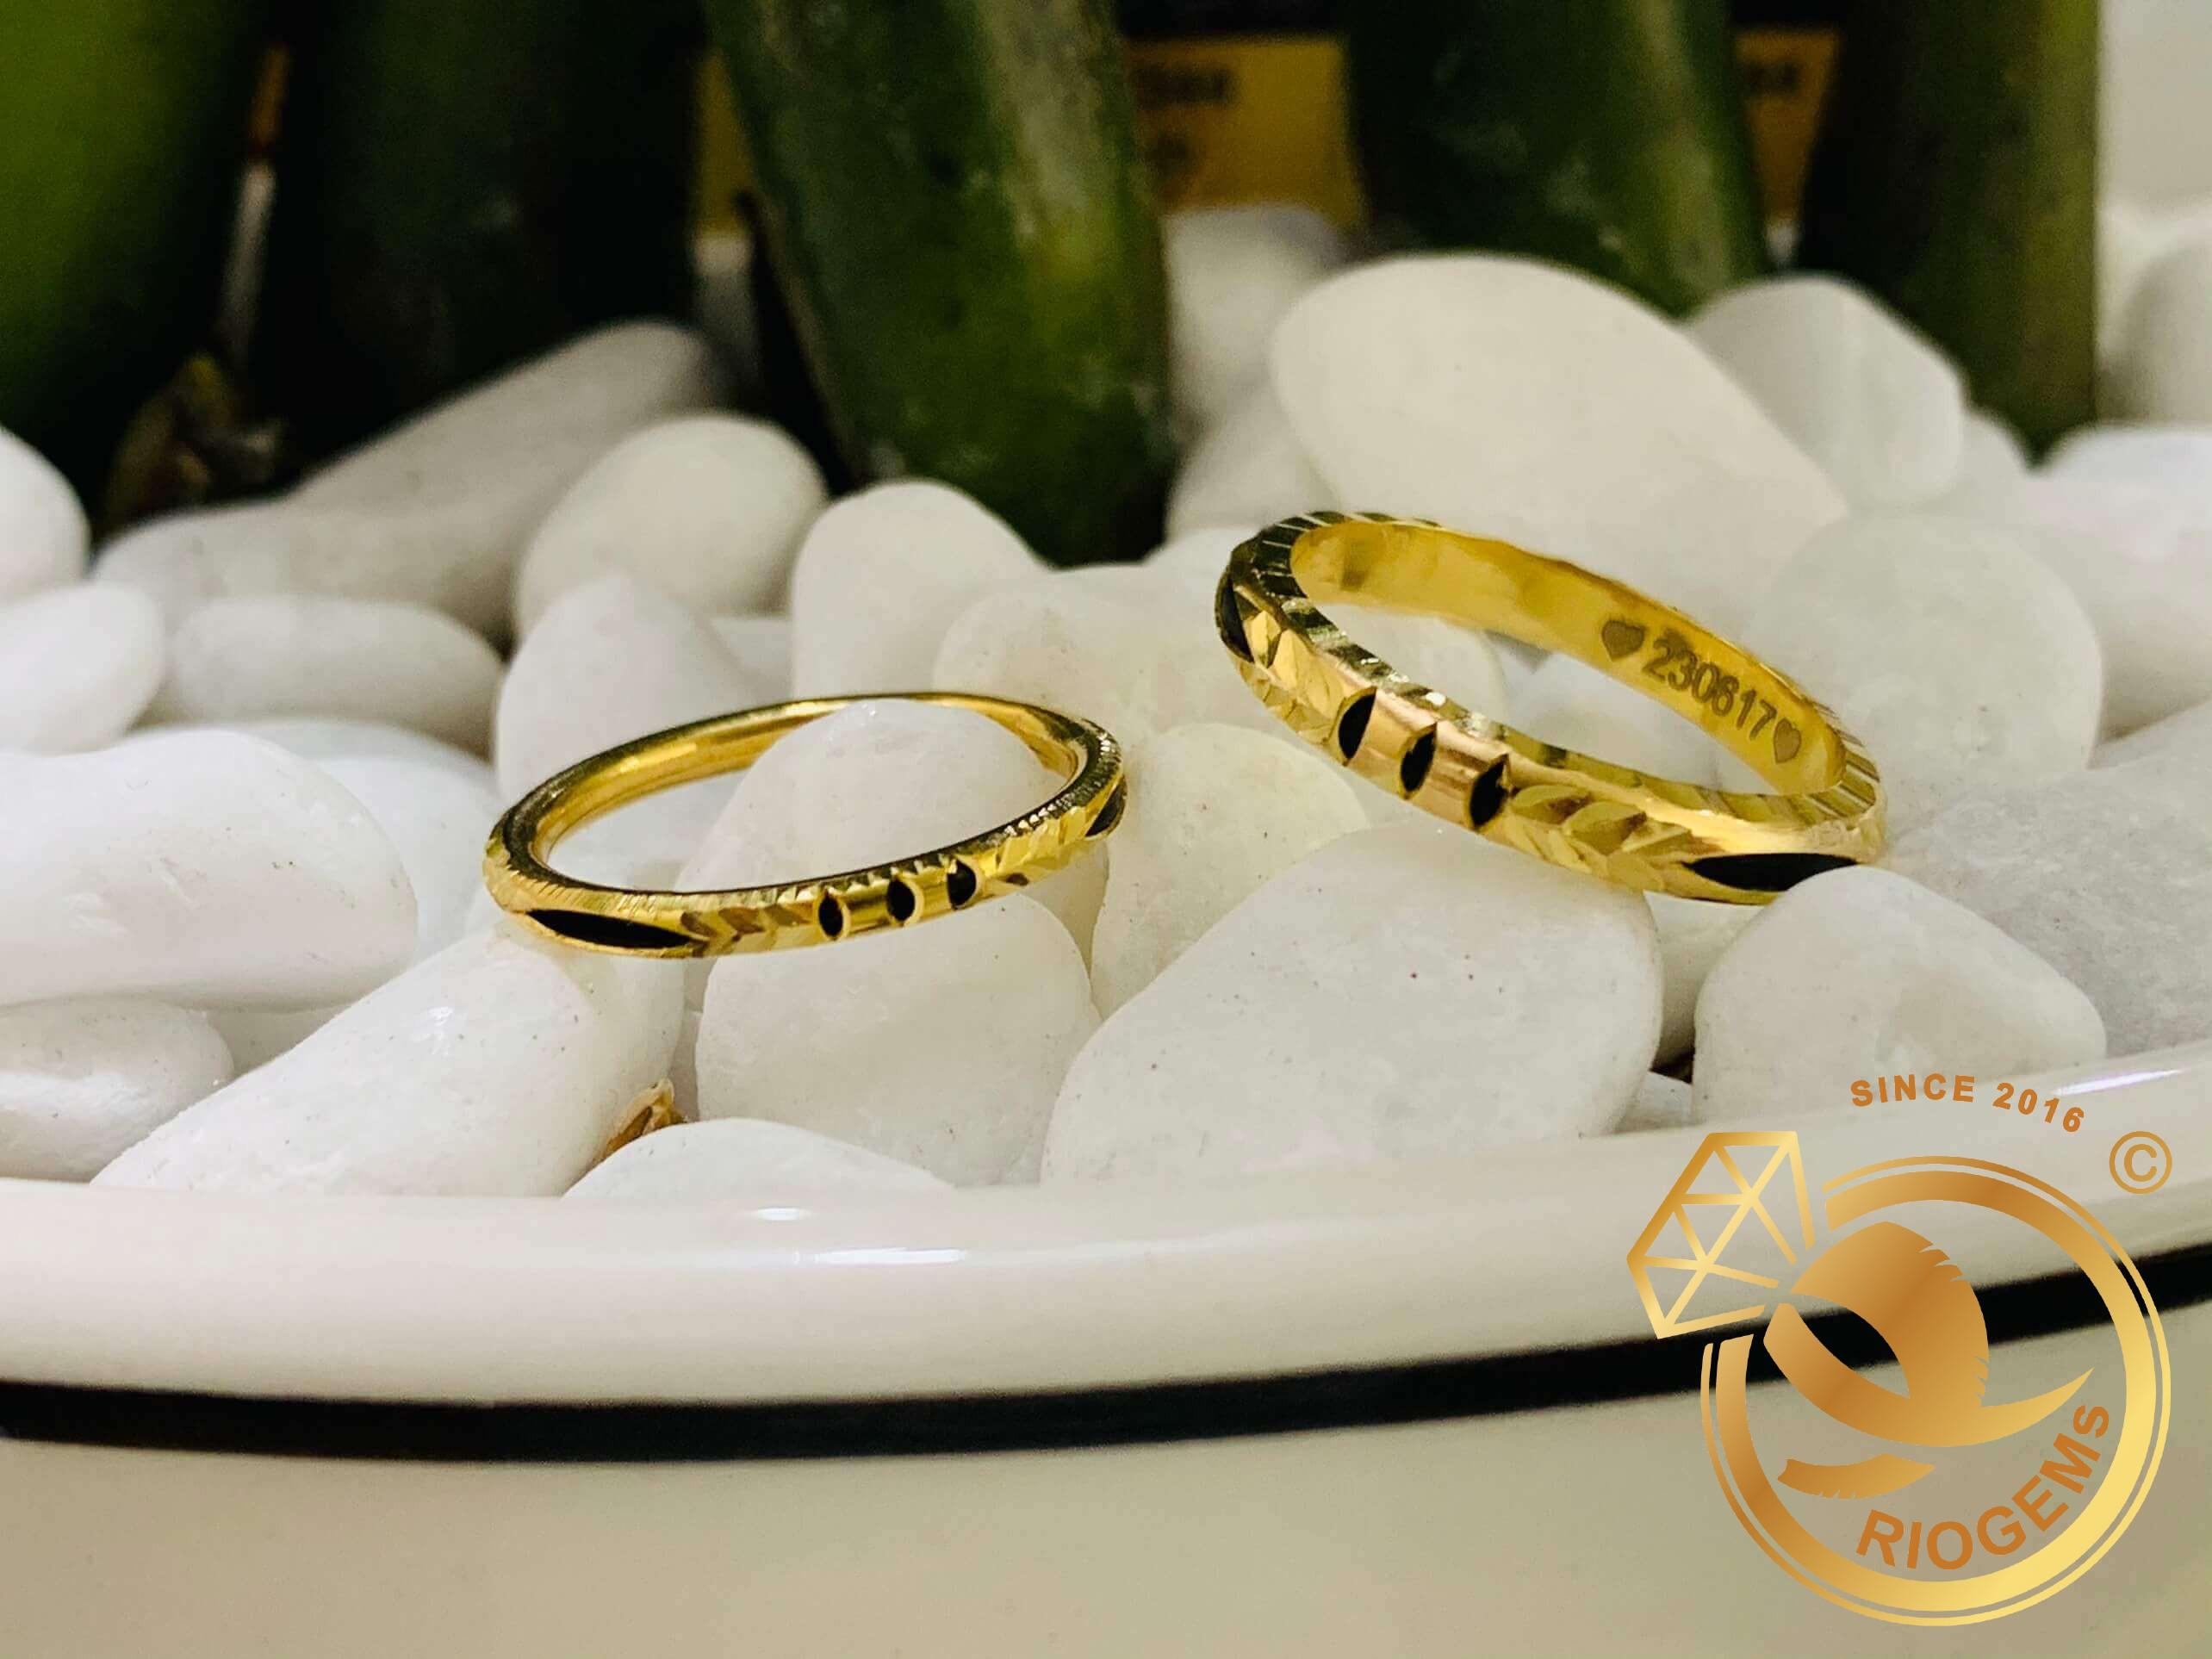 Nhẫn nam nữ luồng 1 lông voi được làm từ vàng tây